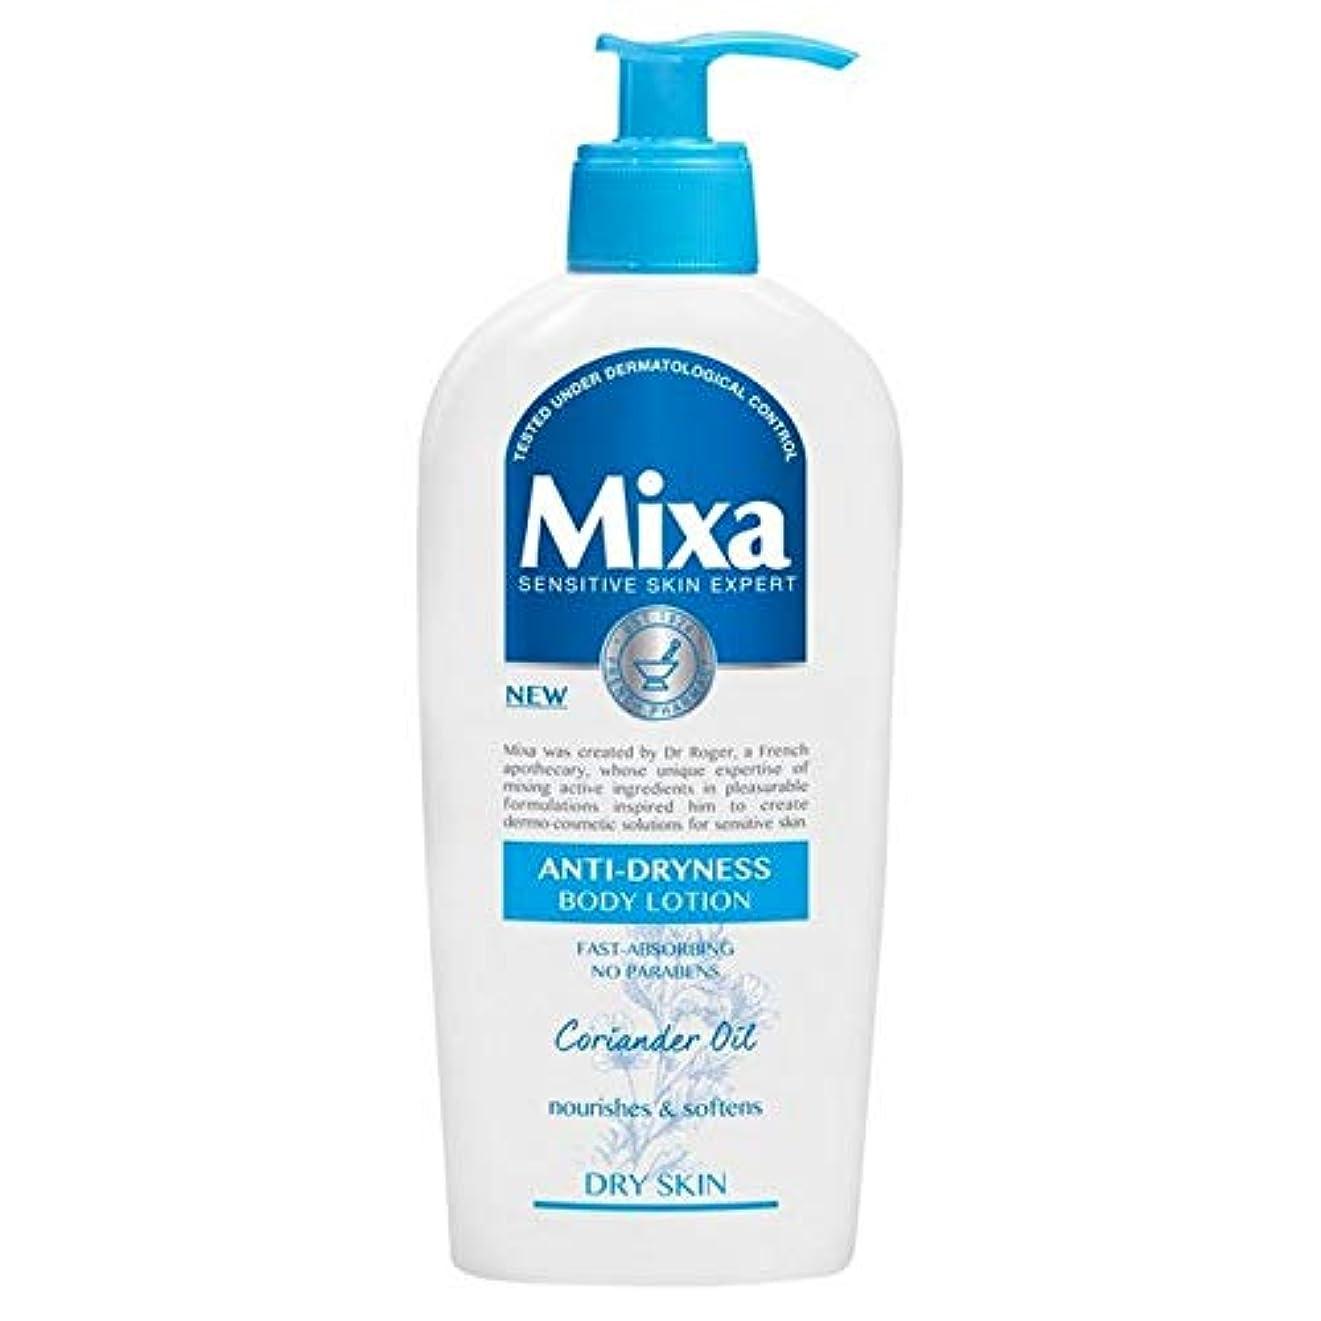 ハミングバード第二傾斜[Mixa] Mixa抗乾燥ボディローション250ミリリットル - Mixa Anti-Dryness Body Lotion 250ml [並行輸入品]